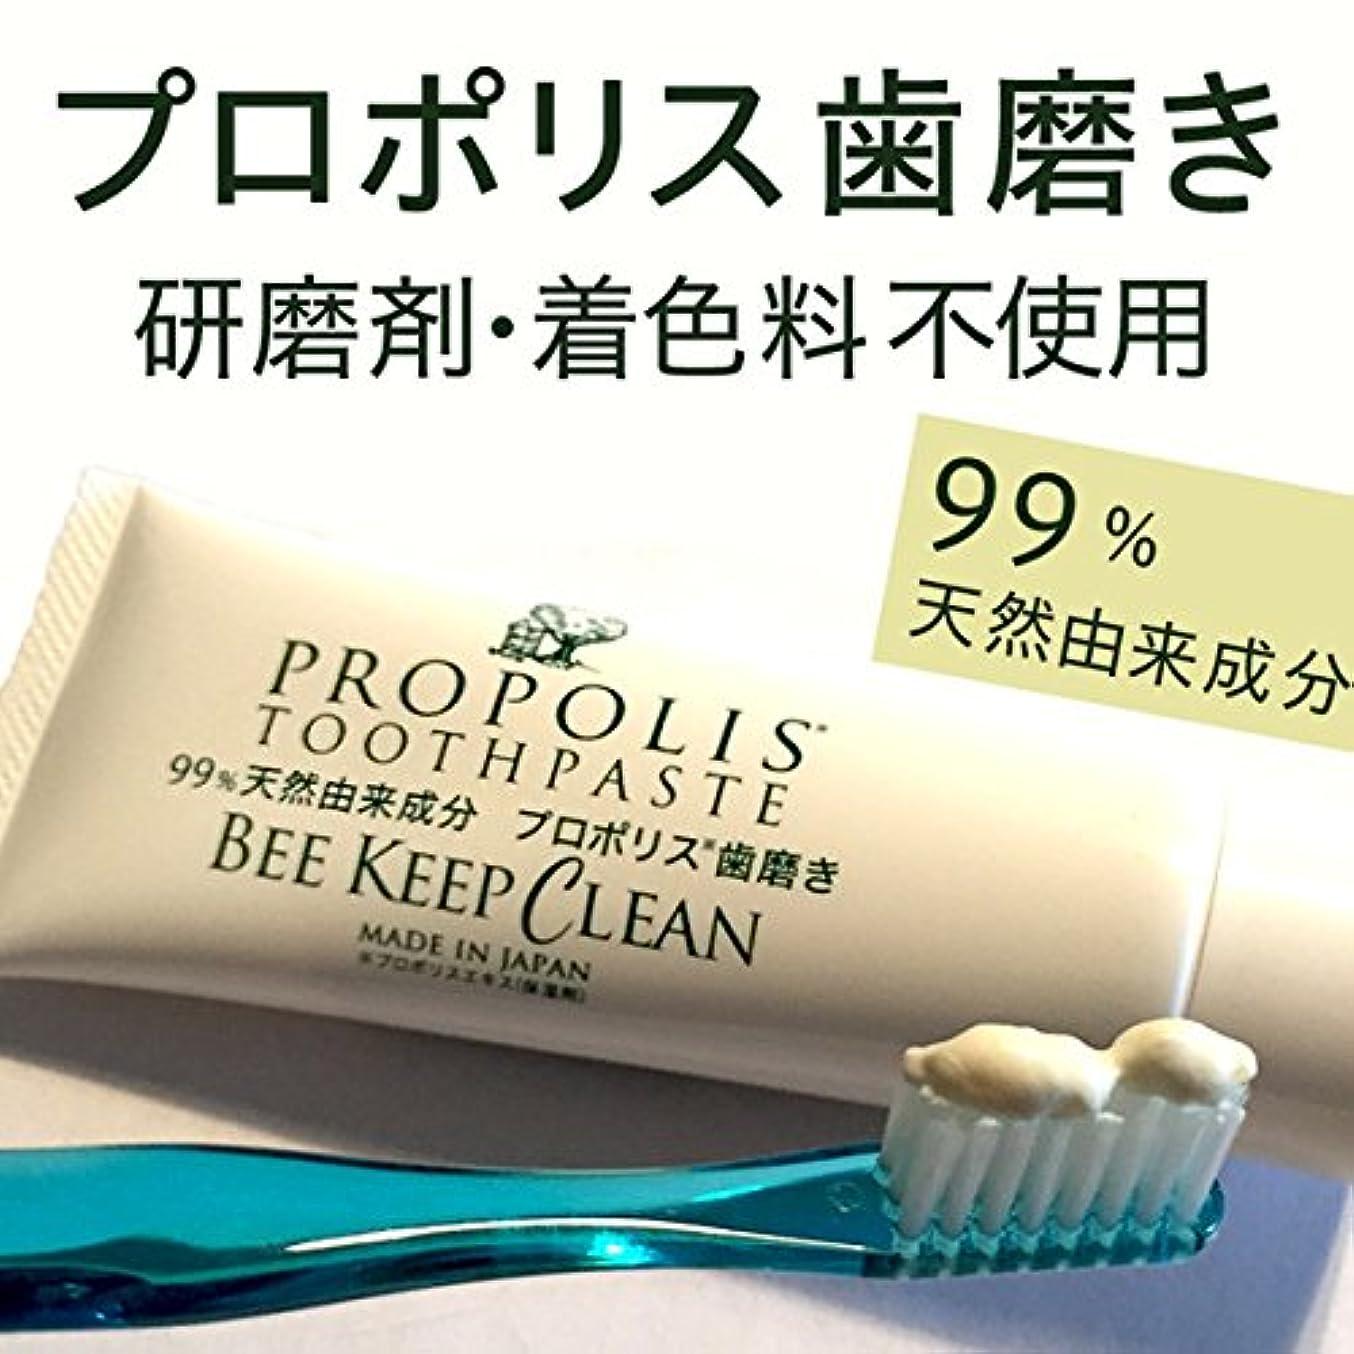 投げ捨てる一致つぼみプロポリス歯磨きビーキープクリーン100g